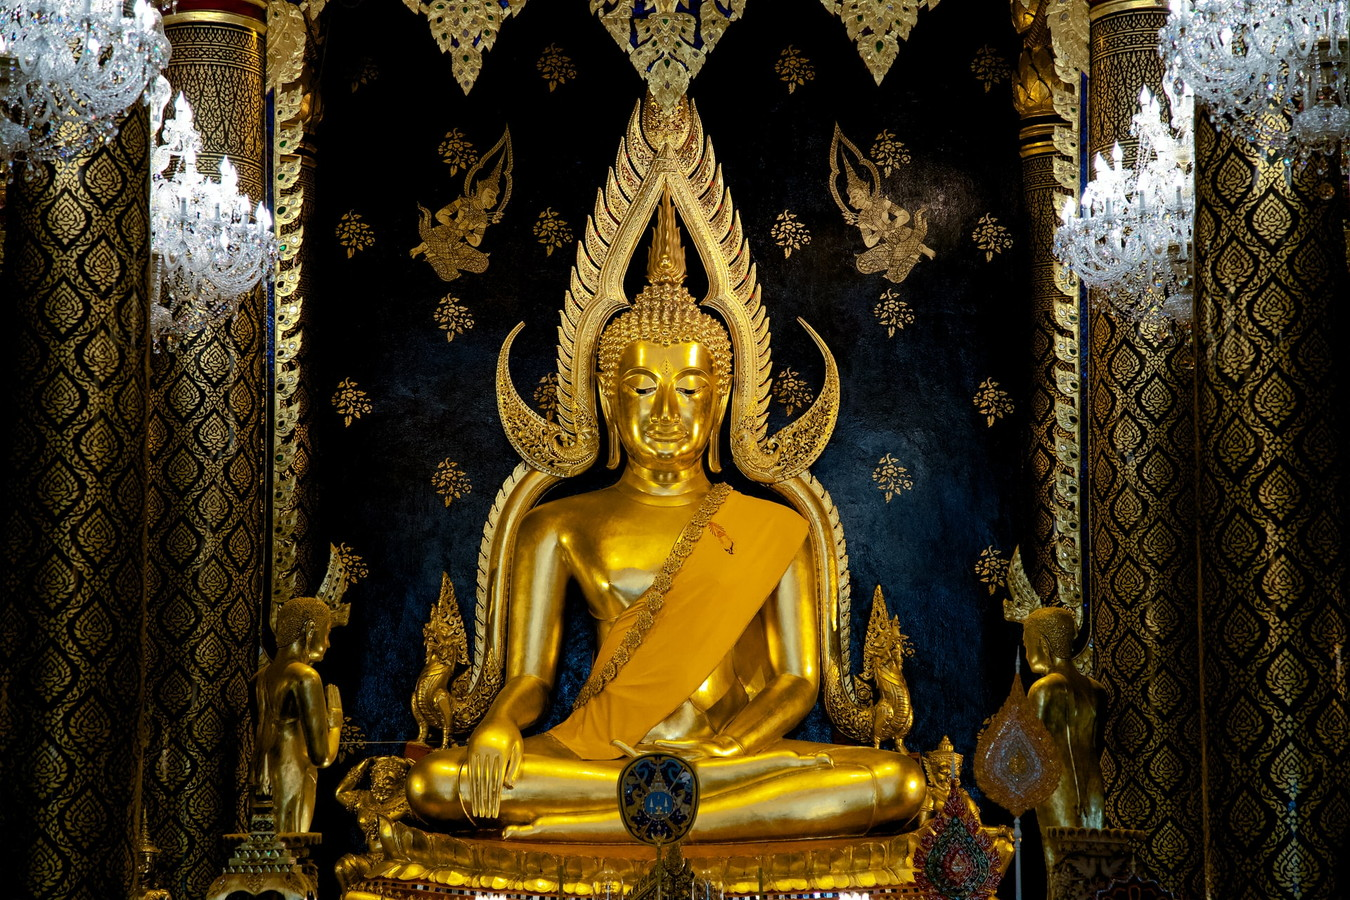 【書評】仏教は心の科学[反証可能性を十分に認めた仏陀の教え]